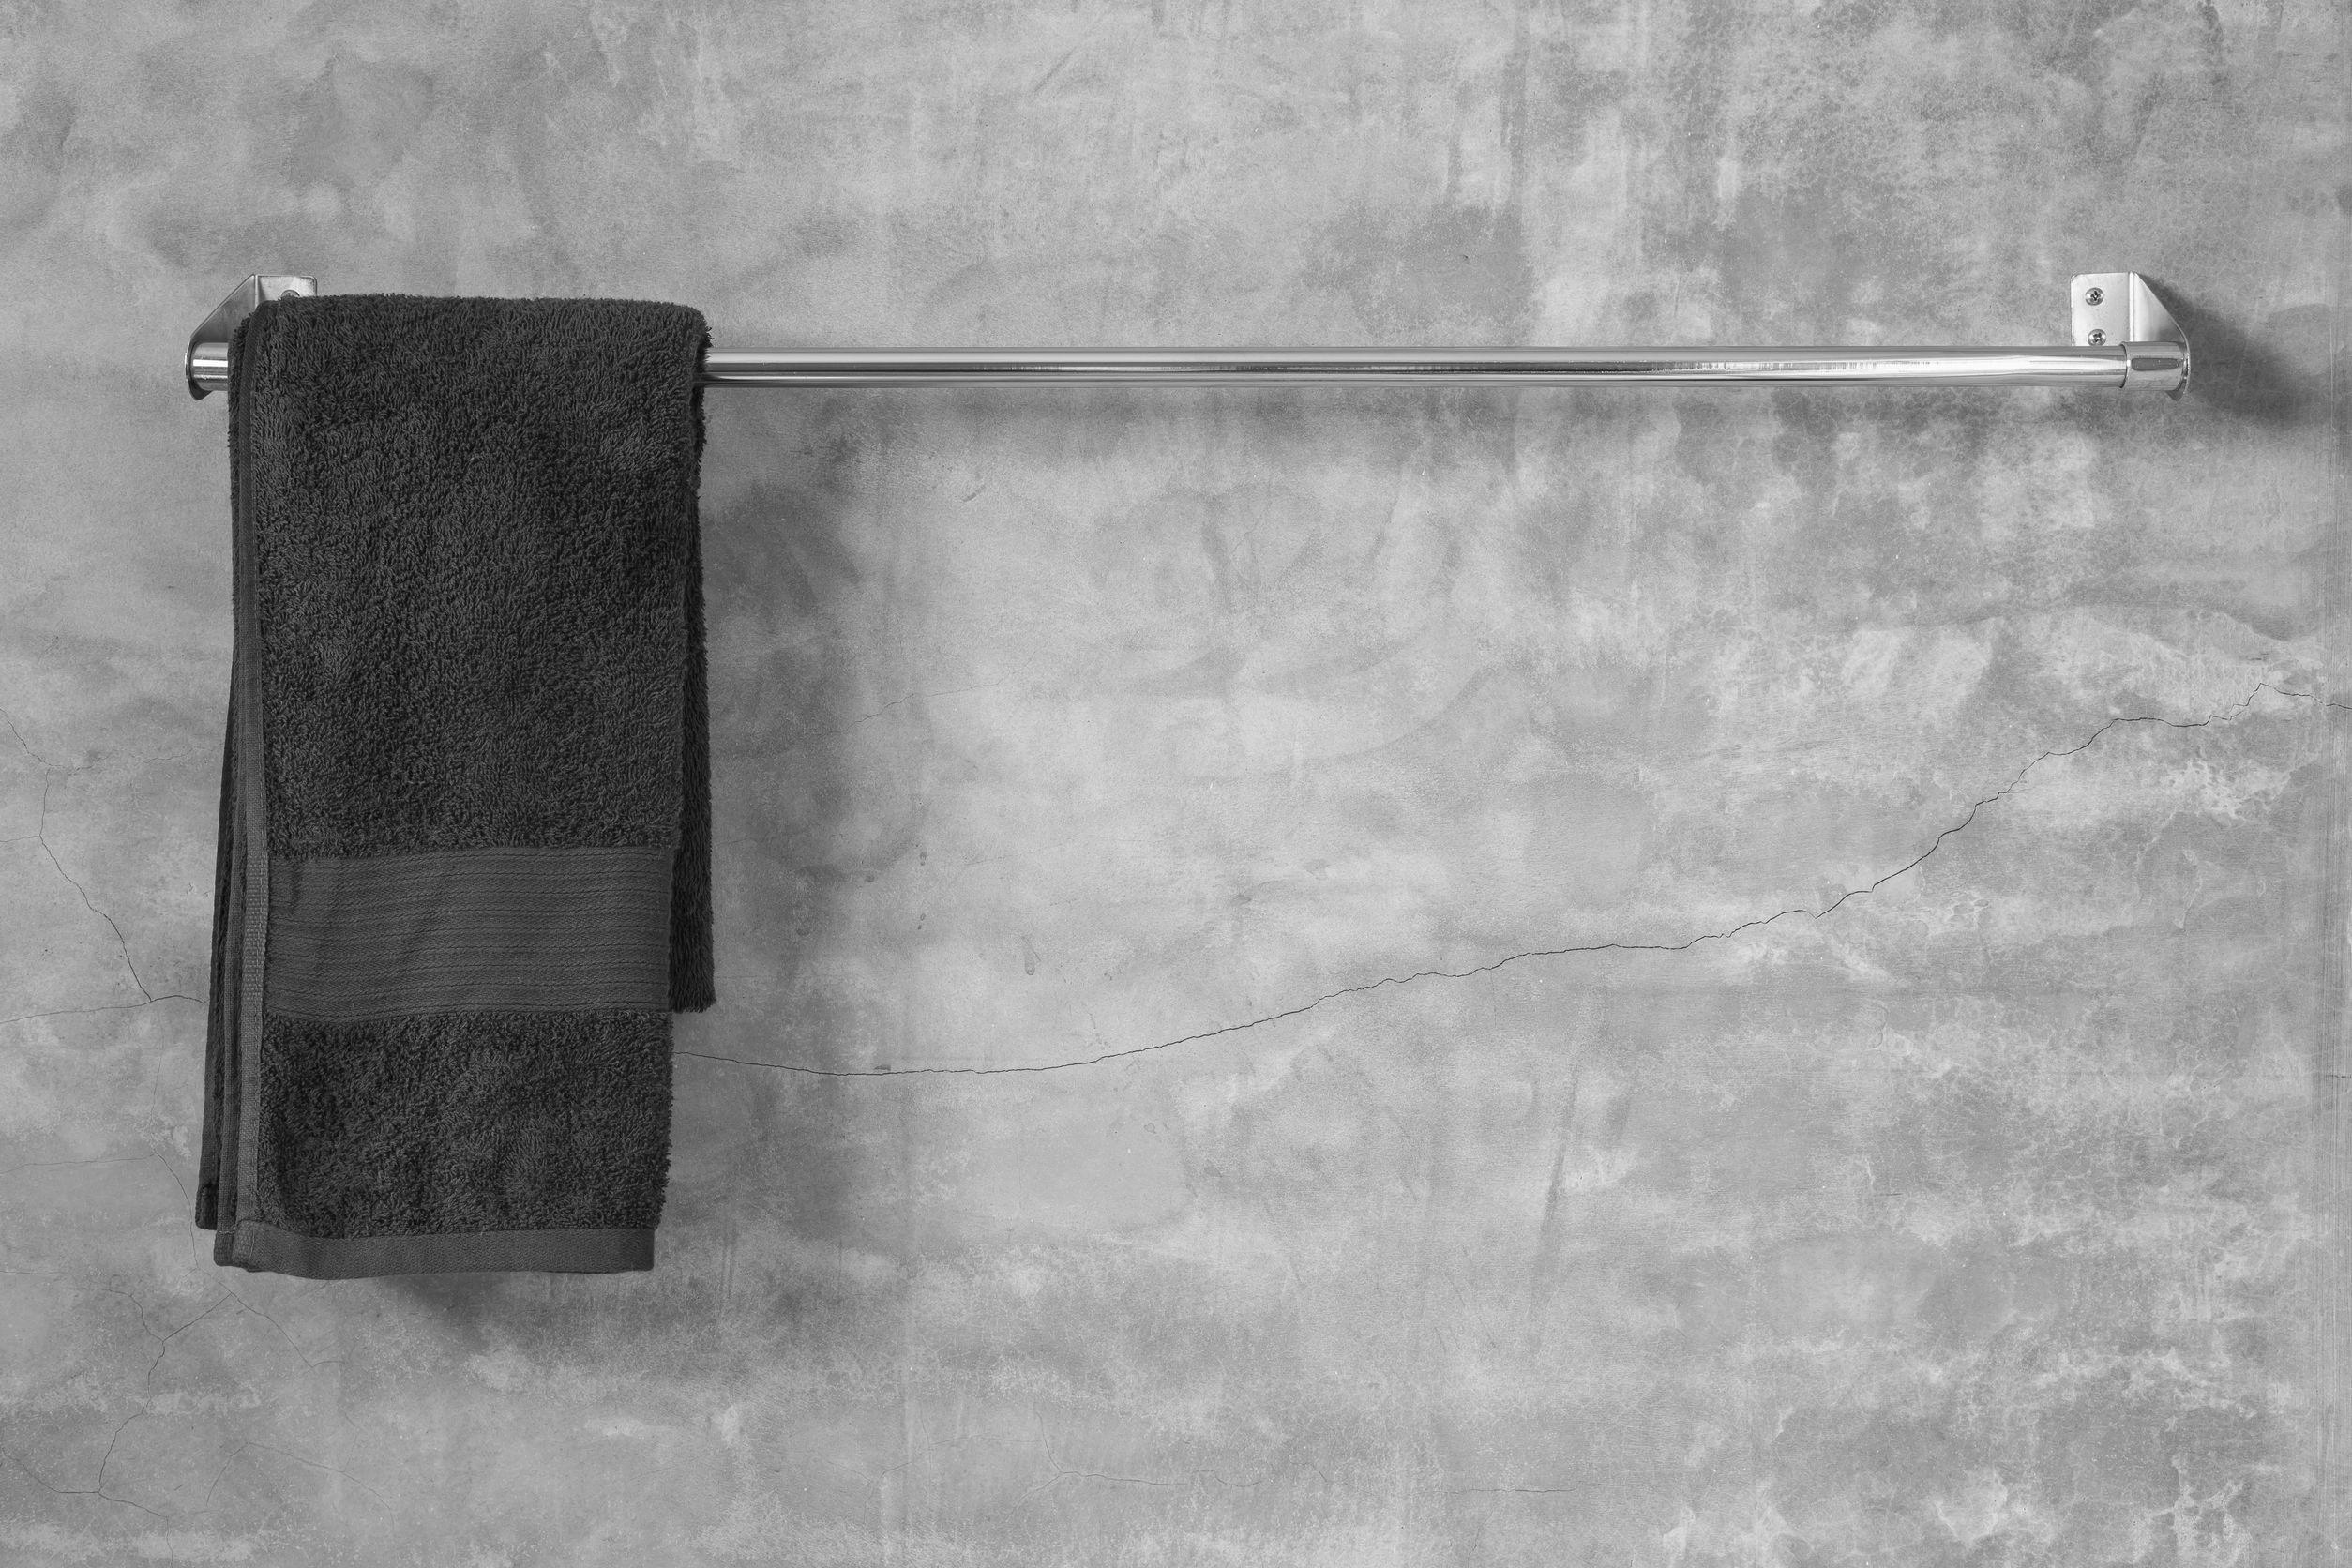 Toallero de acero inoxidable en la pared de cemento gris con la toalla marrón en el baño